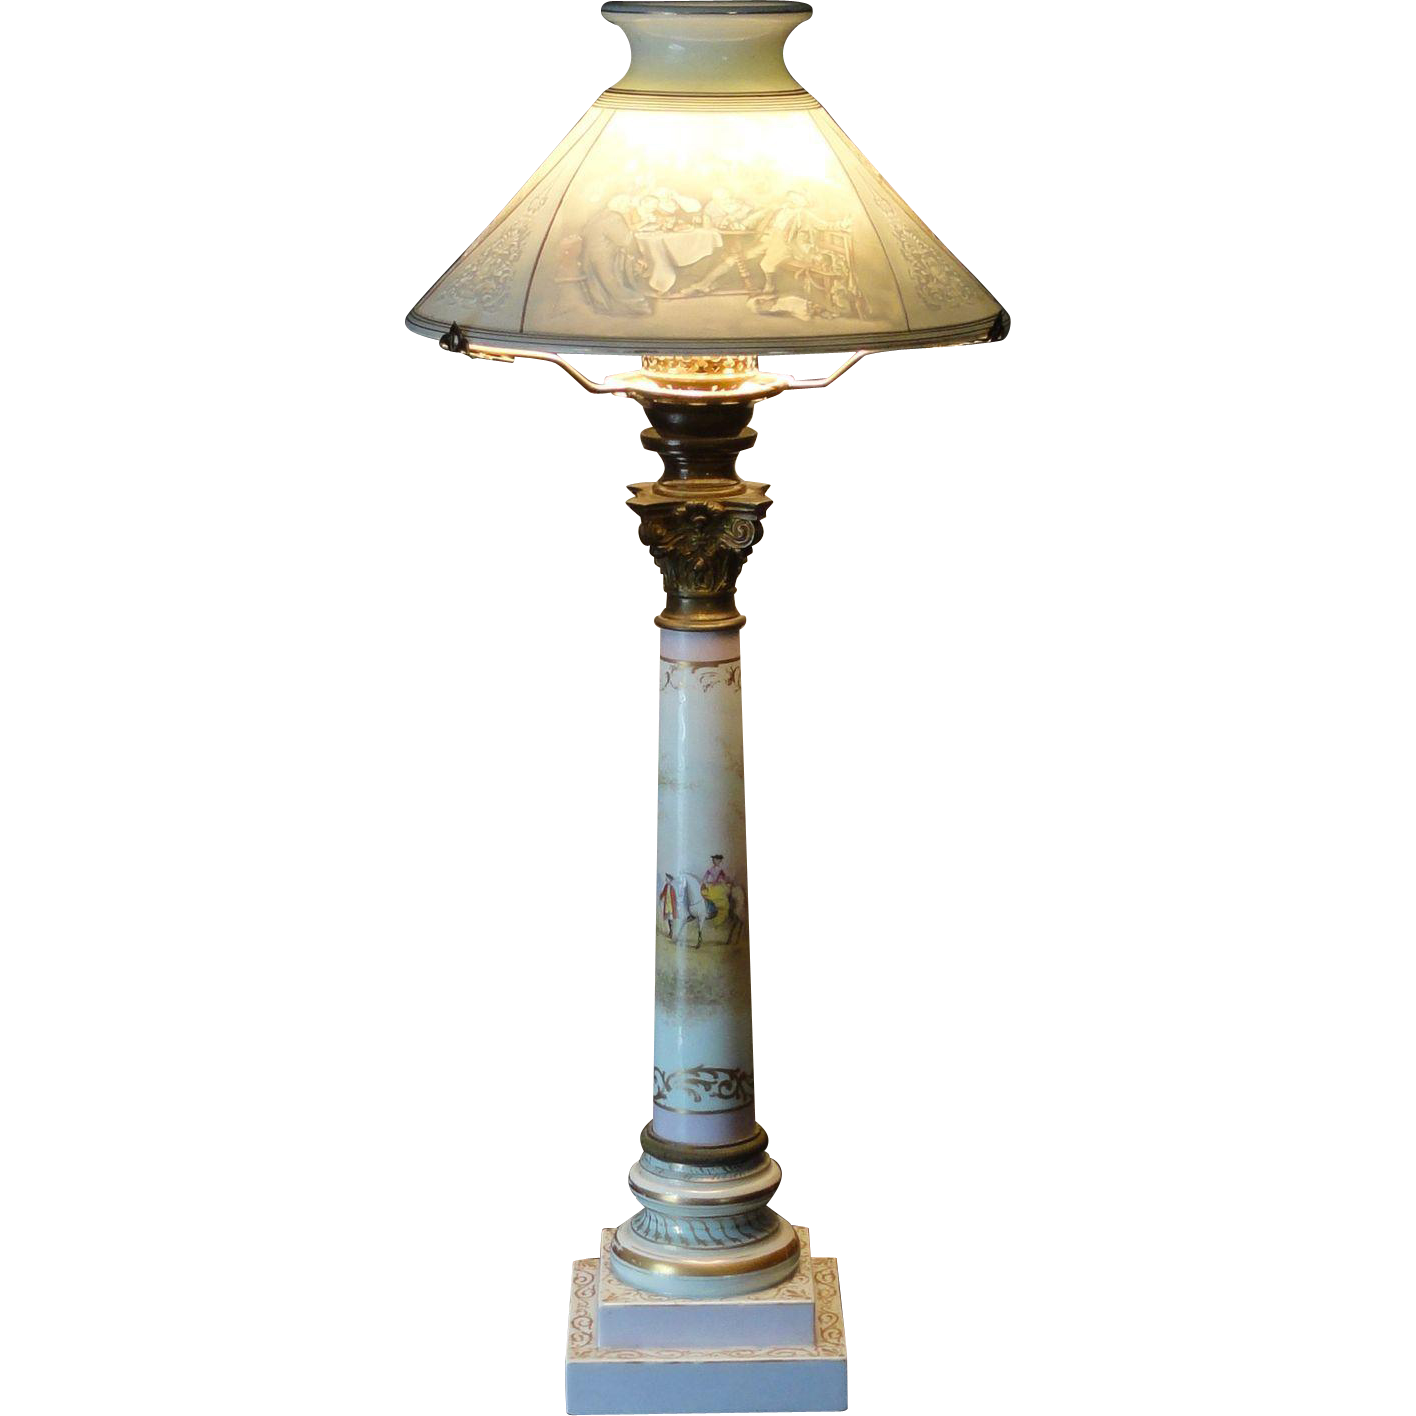 Very Rare Biedermeier Museum Quality Colored Lithophane Shade Porcelain Lamp